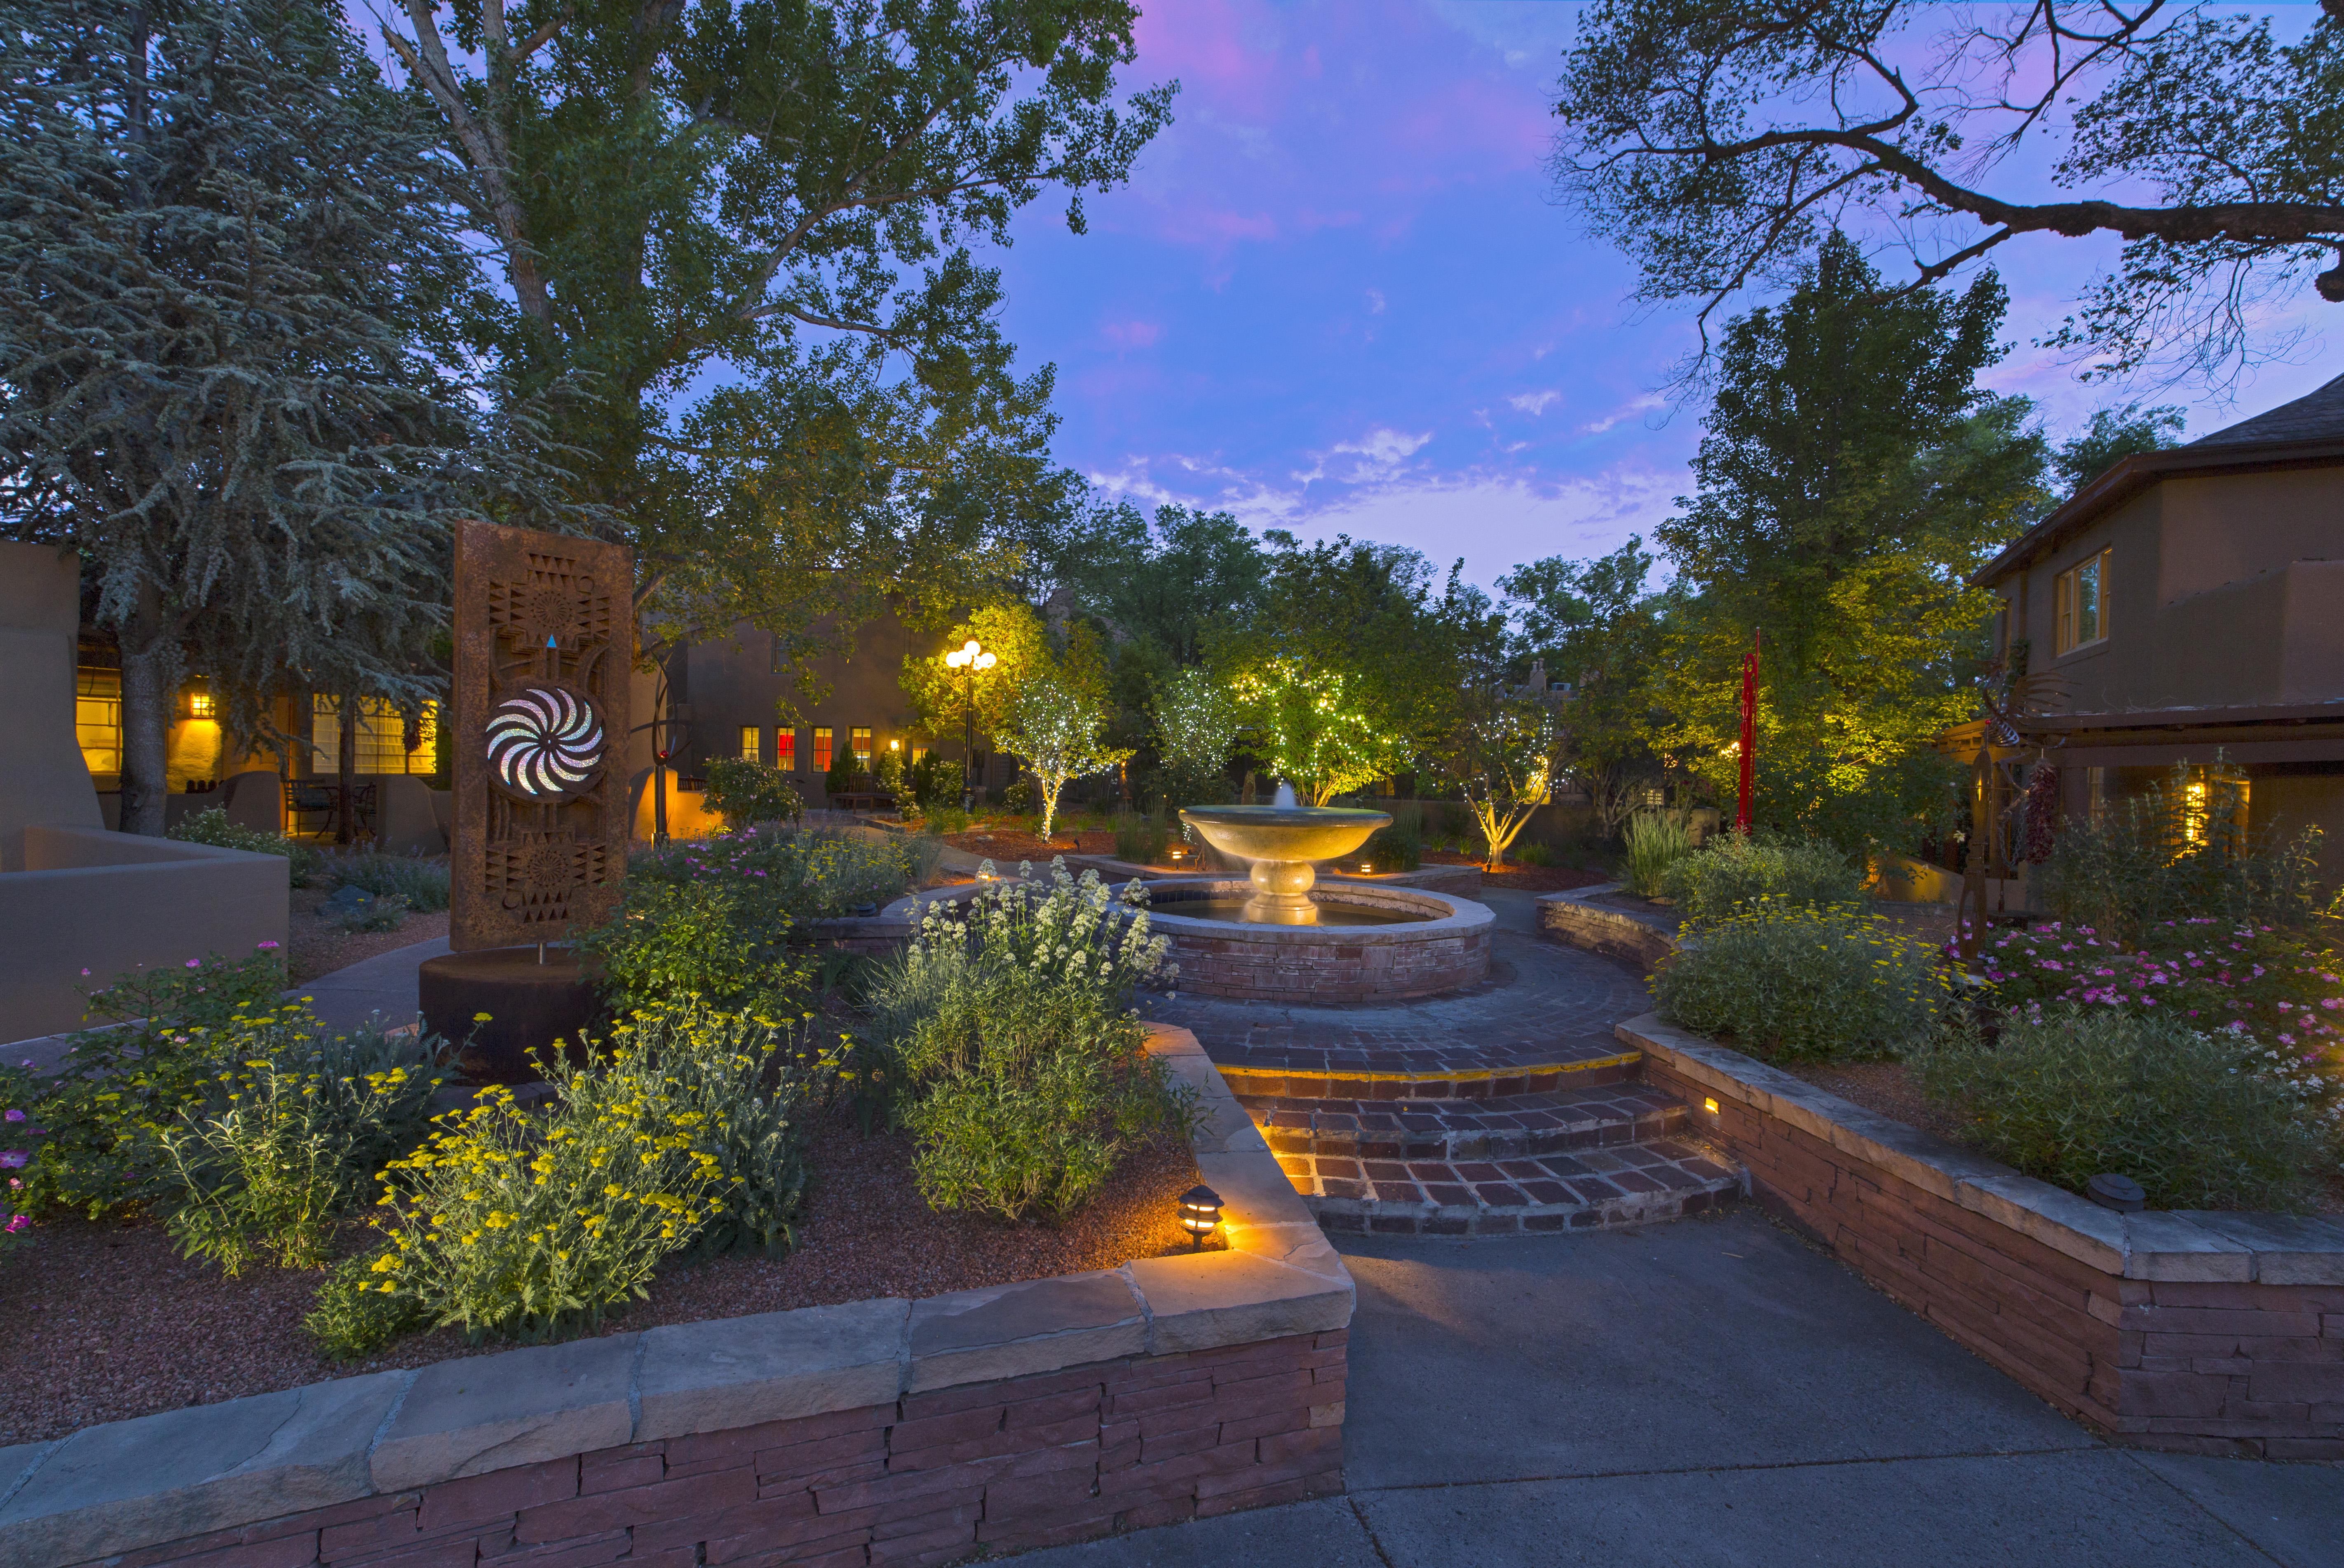 La Posada de Santa Fe Promotes Well-Being with Pure Rooms